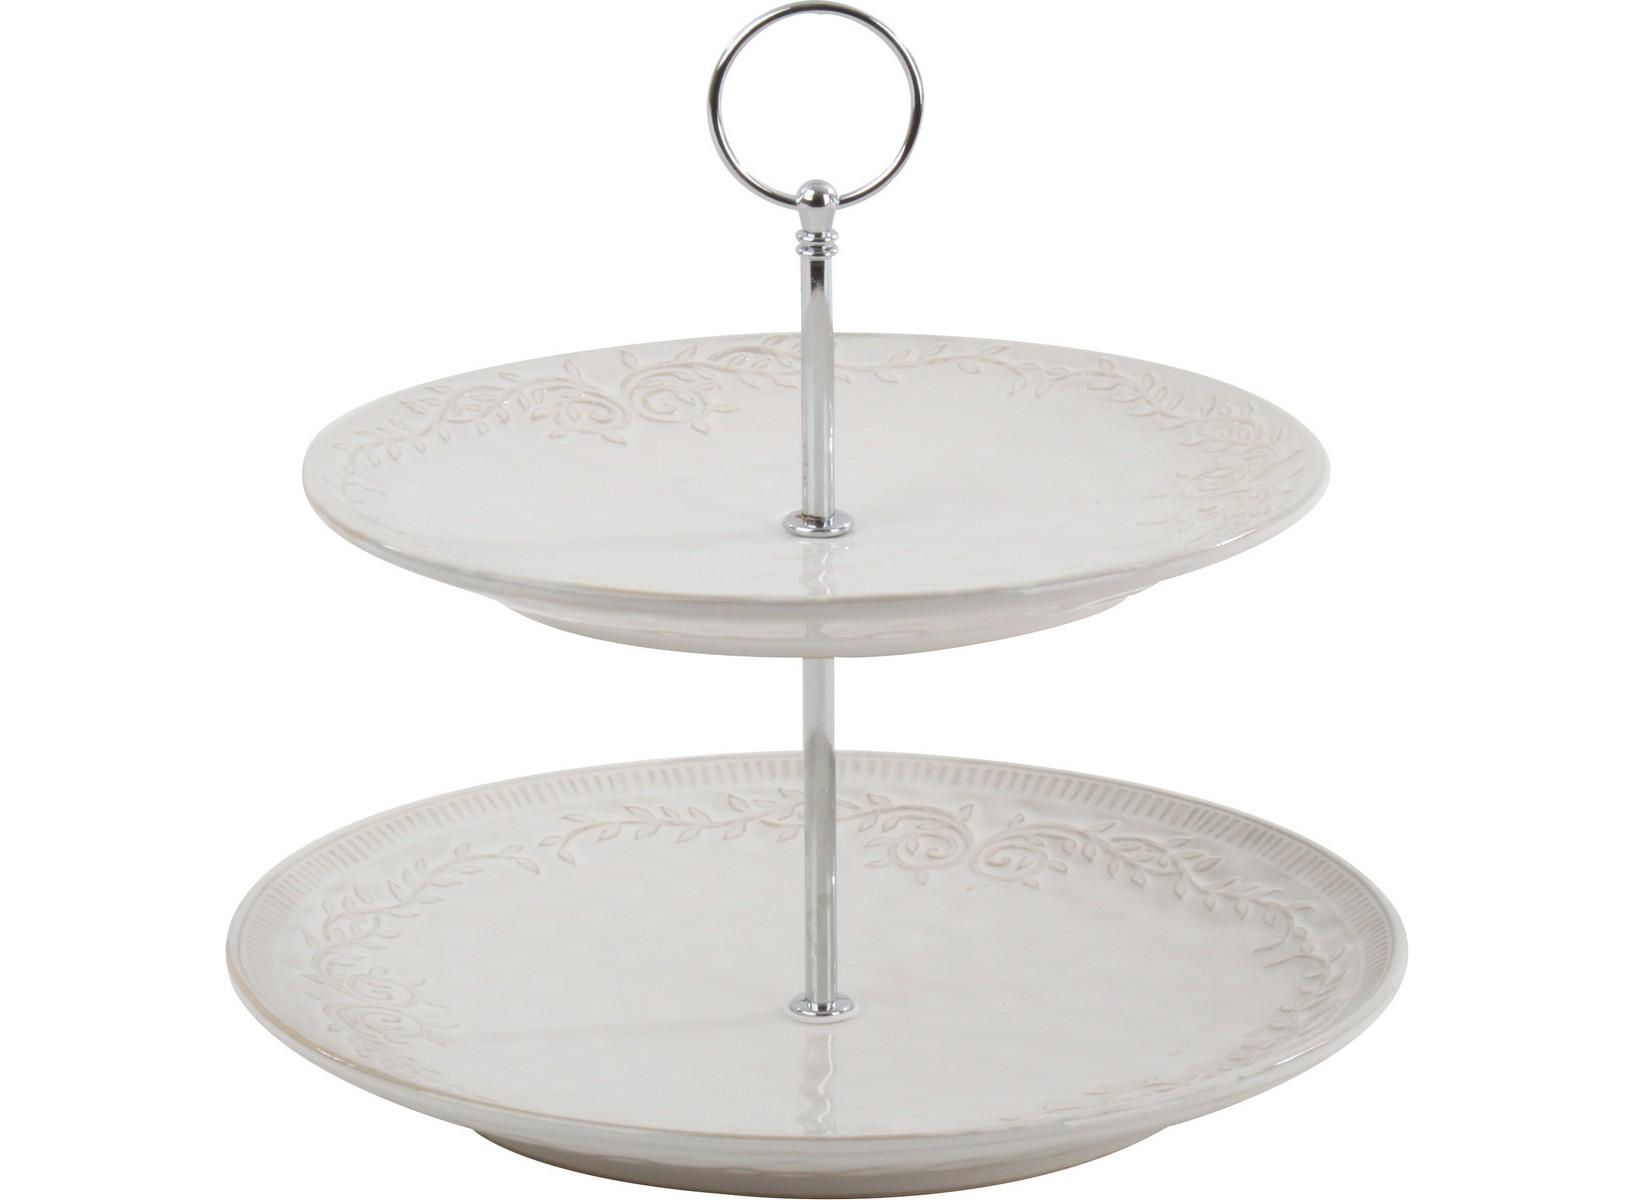 Этажерка для десертов LaiguegliaДекоративные блюда<br><br><br>Material: Фарфор<br>Height см: 25<br>Diameter см: 23